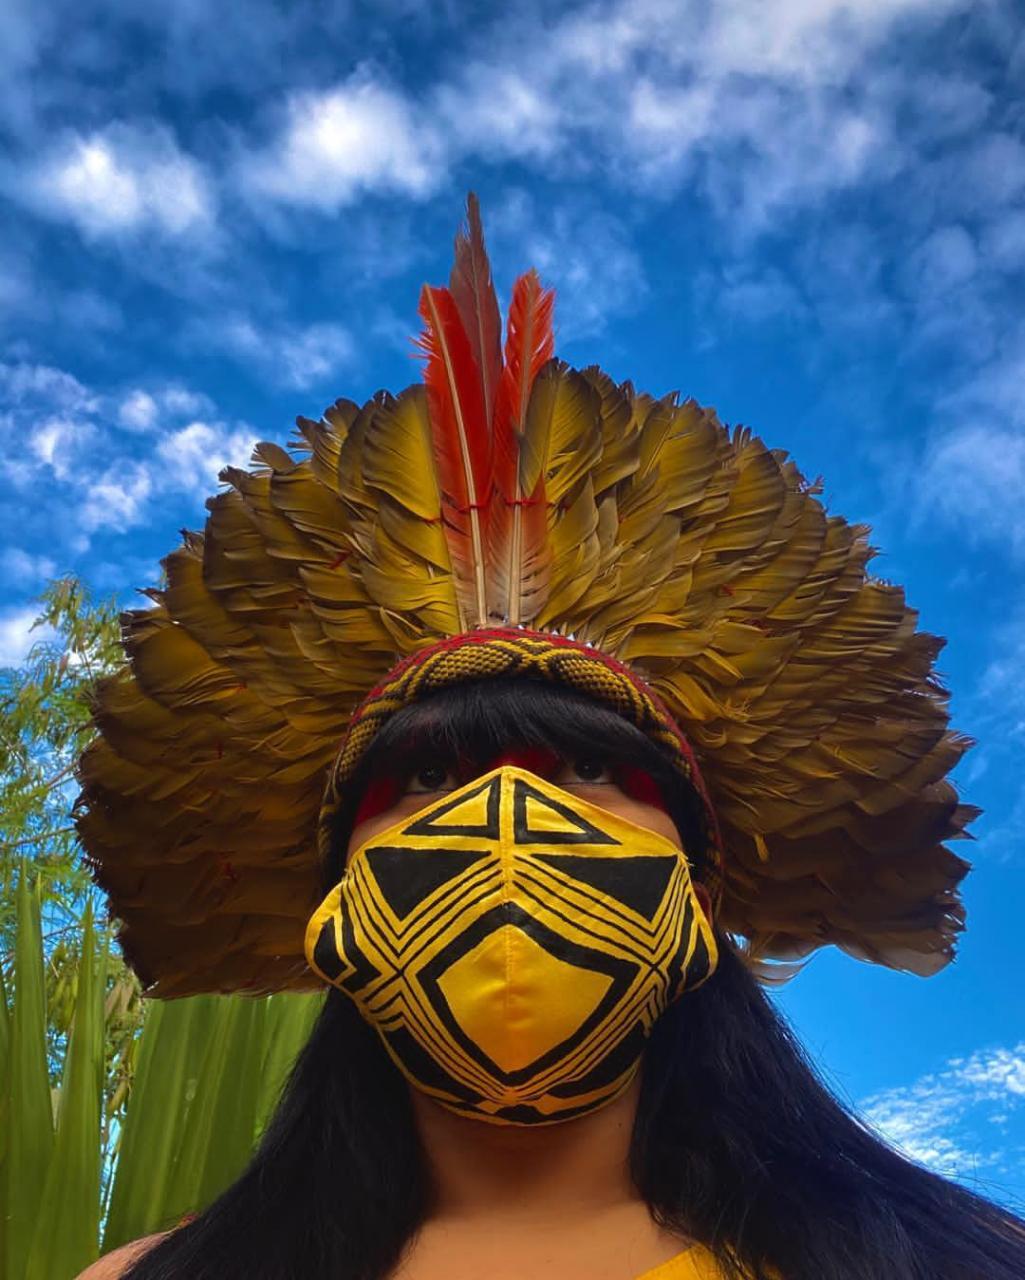 As mulheres Xacriaba têm fabricado máscaras para ser distribuída em todo o território |Foto: Arquivo Pessoal